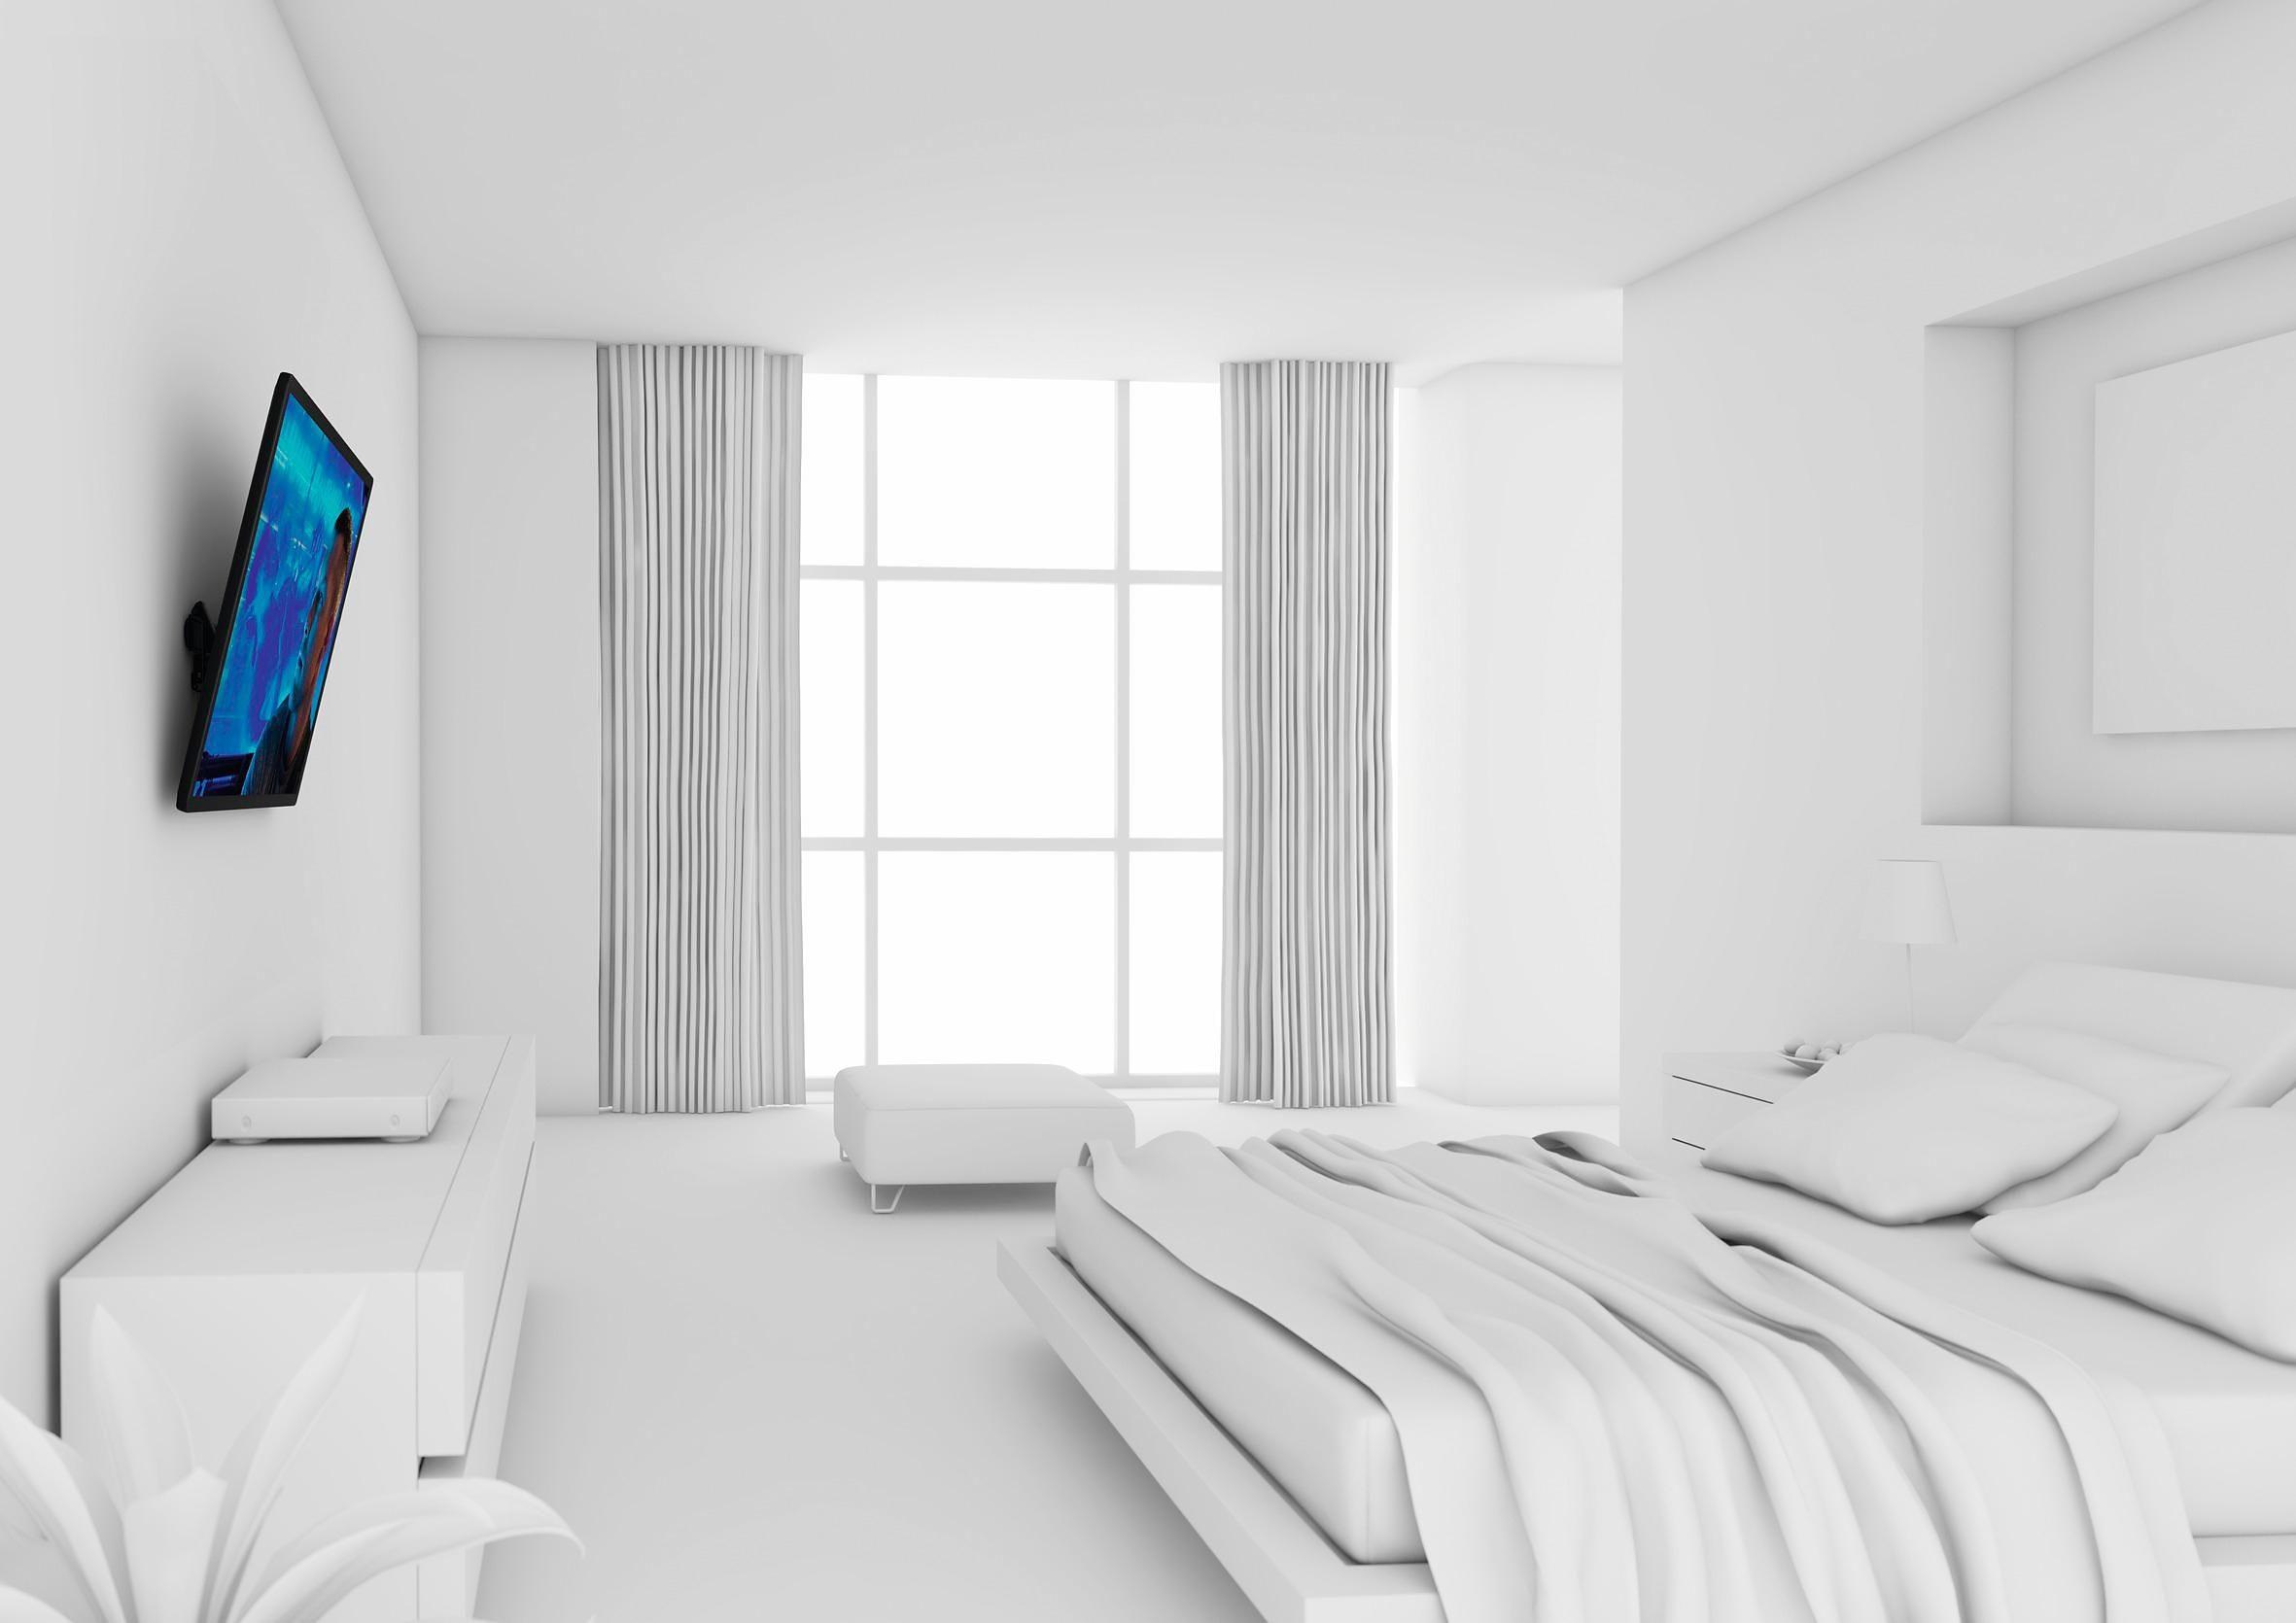 vogel's® TV-Wandhalterung »WALL 2015« neigbar, für 43-66 cm (17-26 Zoll) Fernseher, VESA 100x100